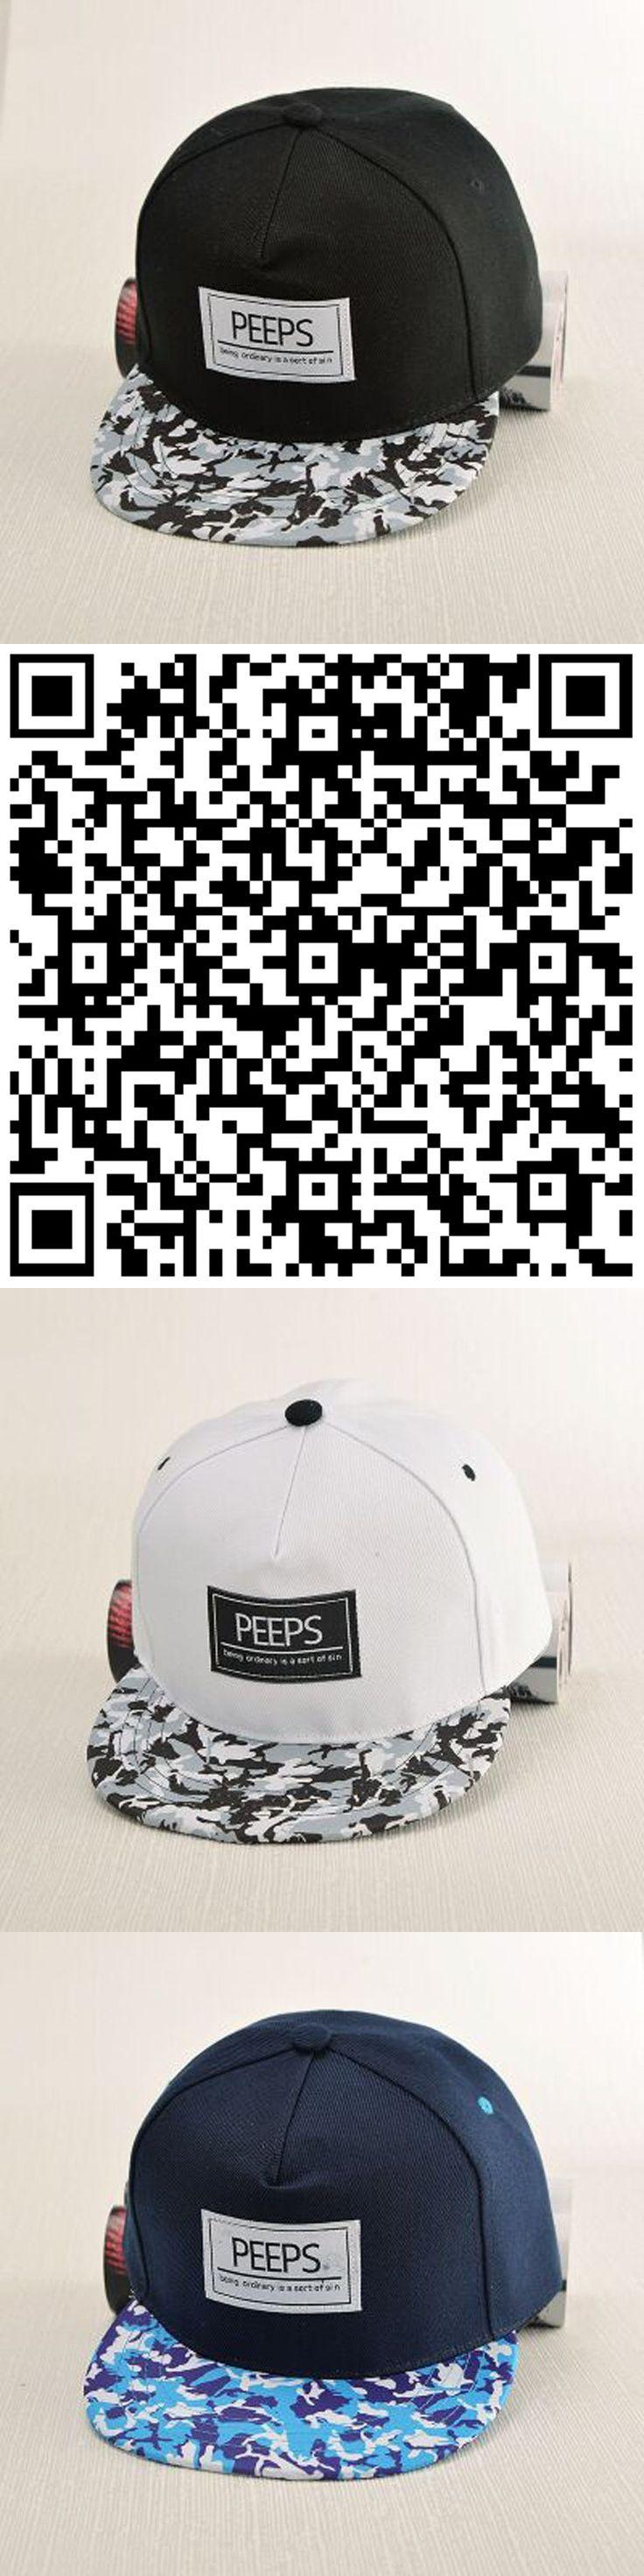 2017 New Kpop Cotton Bone Aba Reta Peeps Snapback Unisex Camo Cheap Snapbacks Visor Hip Hop Baseball Caps Raiders Gorras Hats